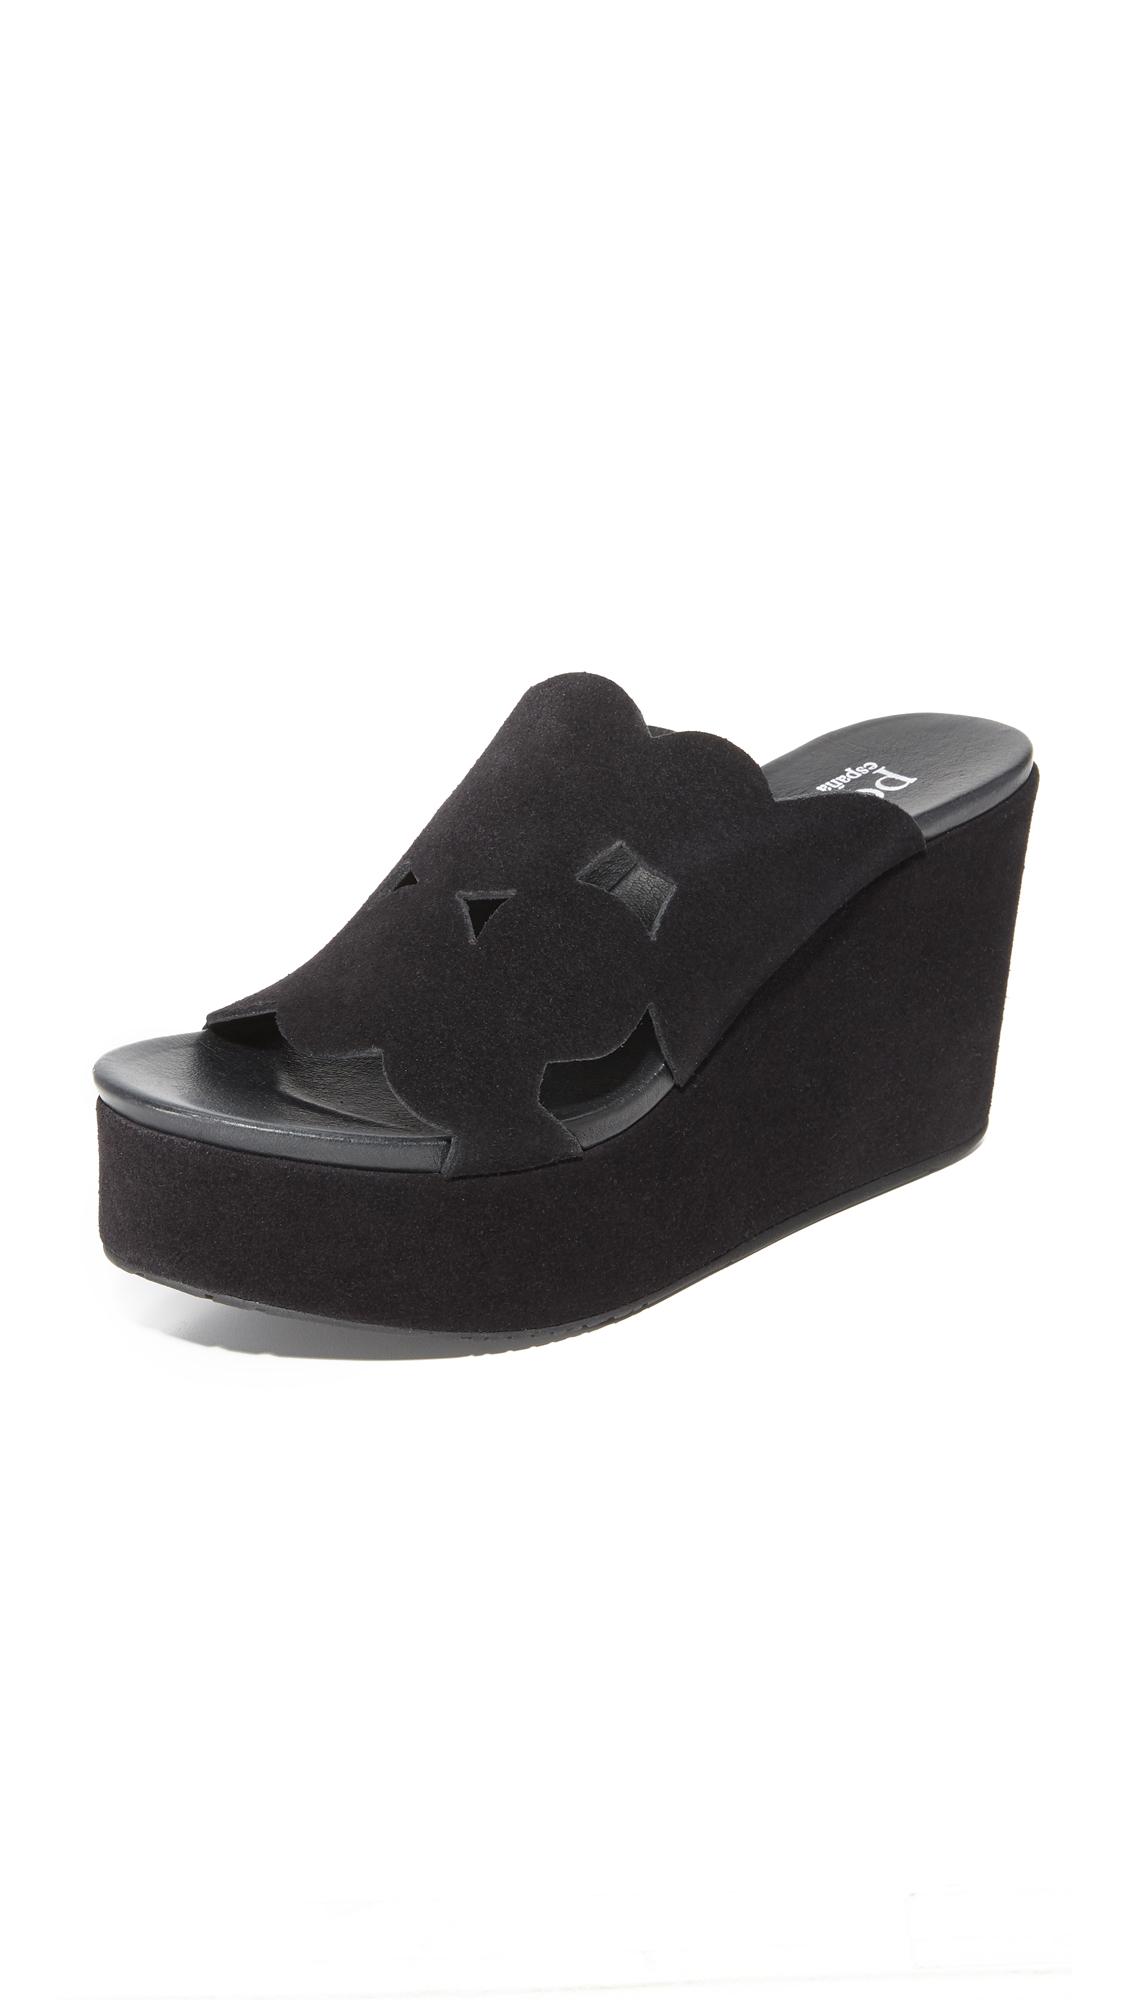 Pedro Garcia Dina Wedge Slides - Black